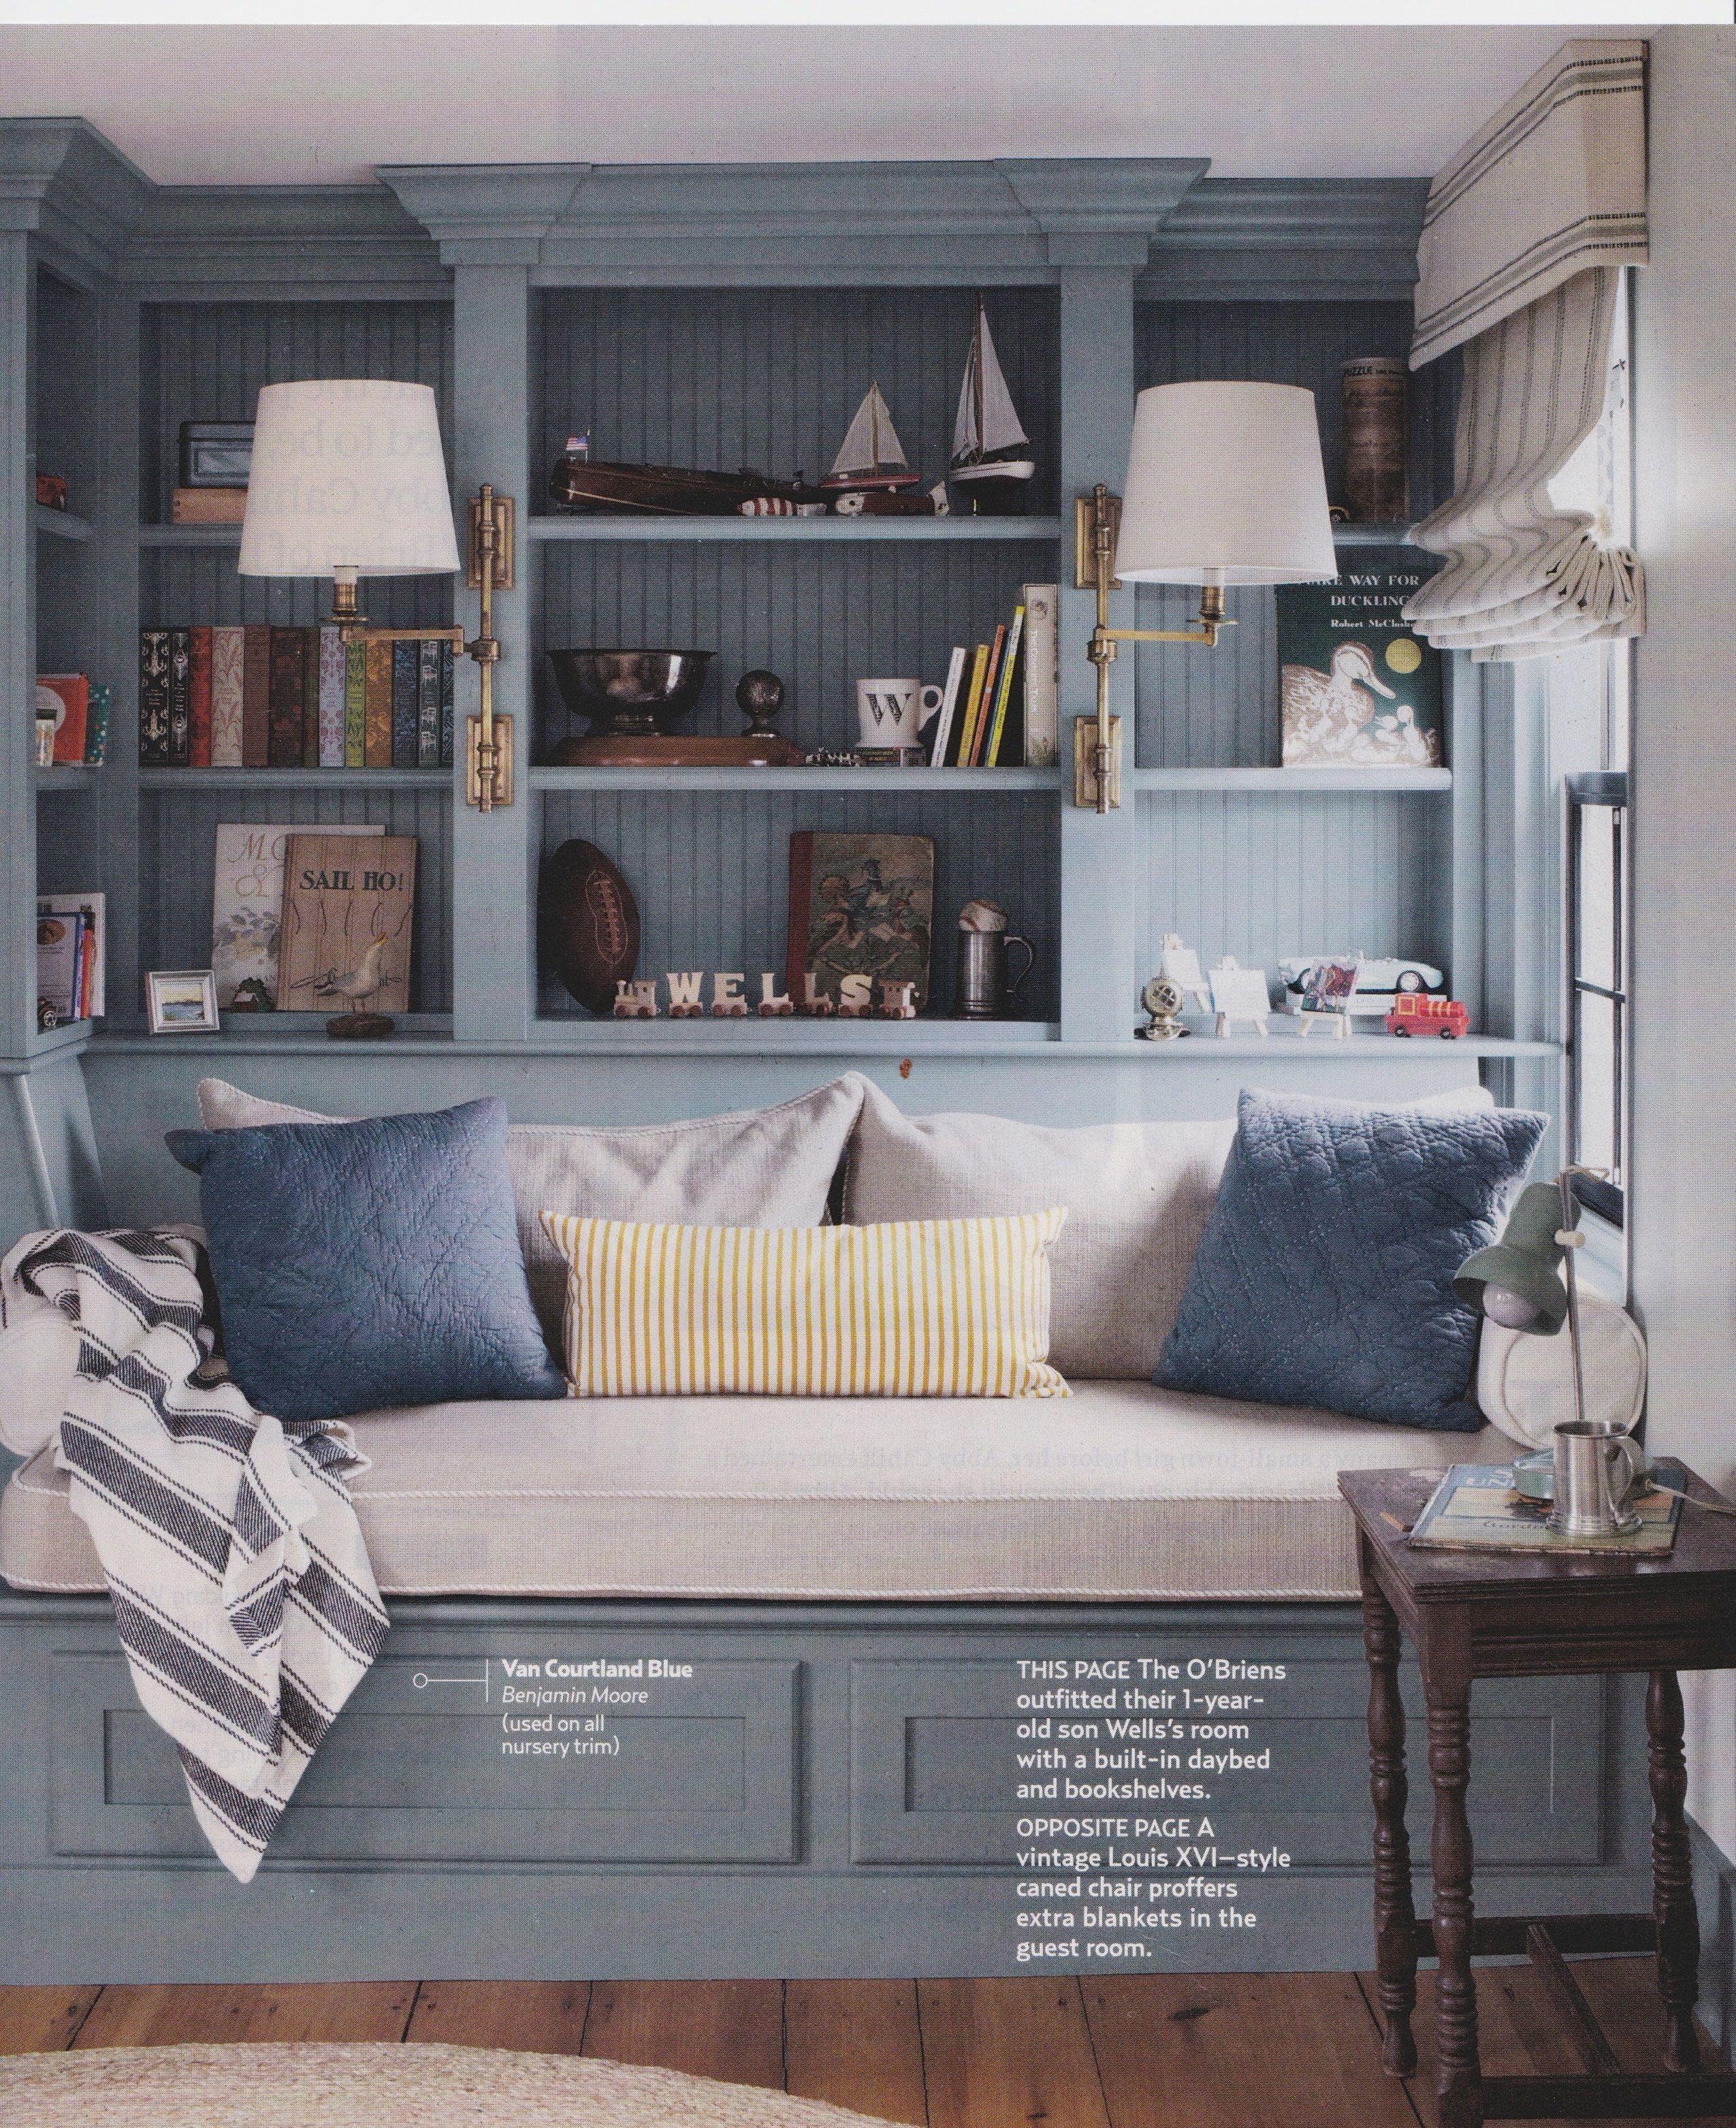 Built In Day Bed And Bookshelves Benjamin Moore Van Courtland